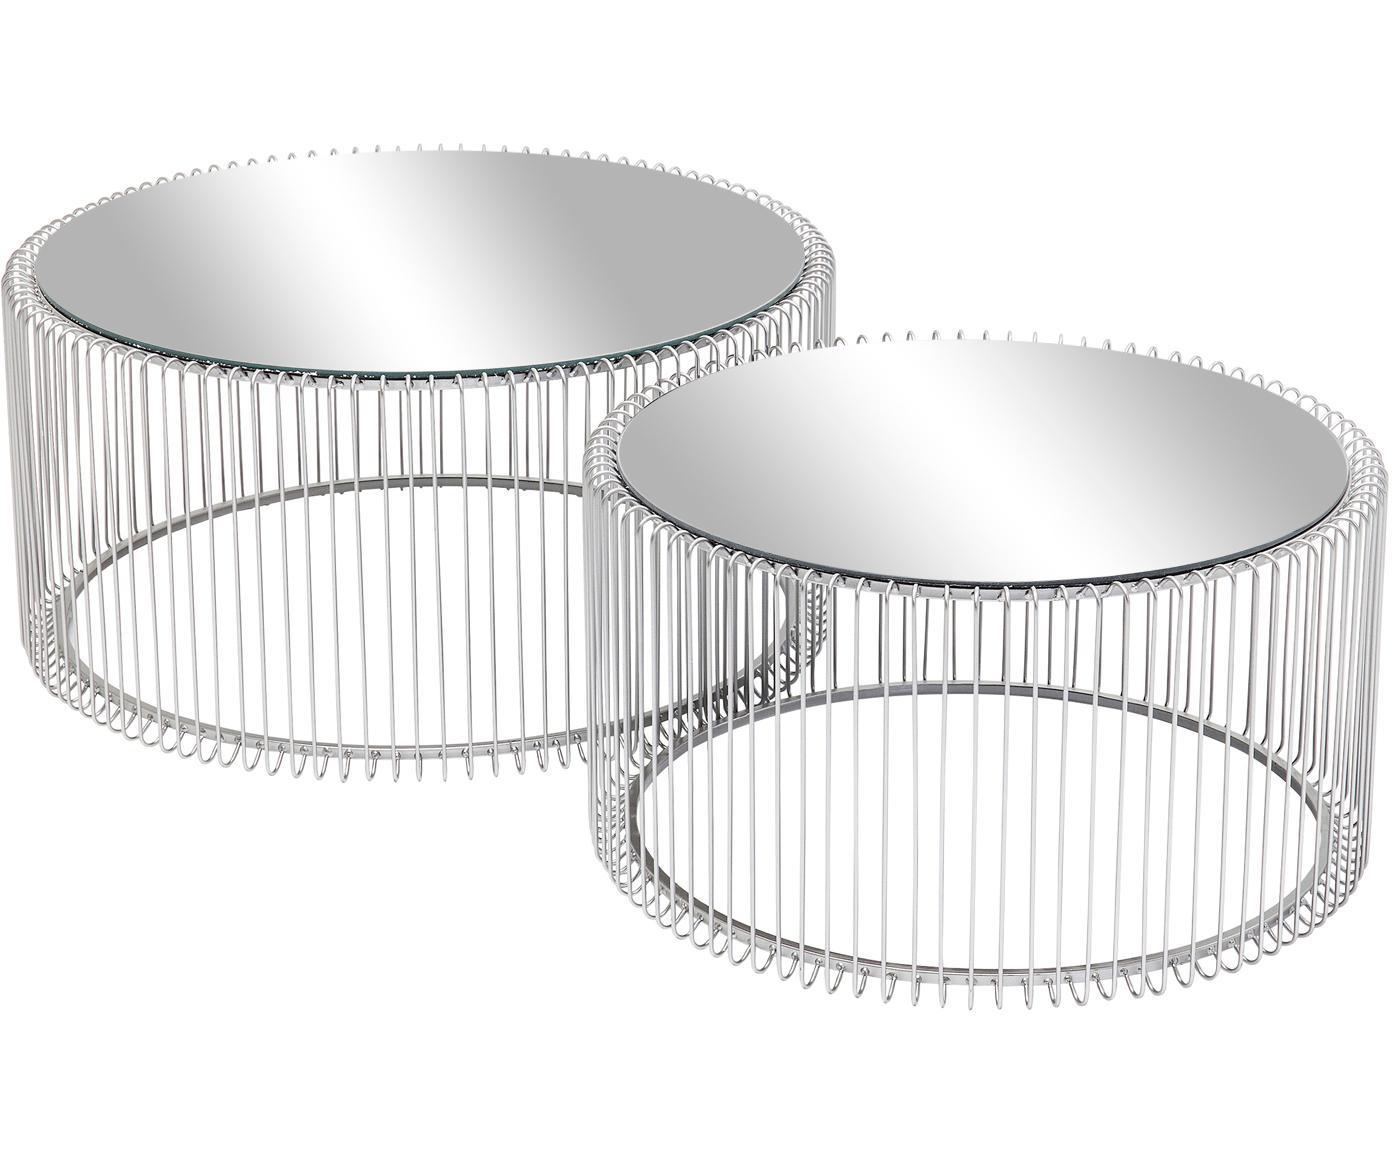 Komplet stolików kawowych z metalu ze szklanym blatem Wire, 2 elem., Stelaż: metal malowany proszkowo, Blat: szkło hartowane, foliowan, Chrom, Różne rozmiary